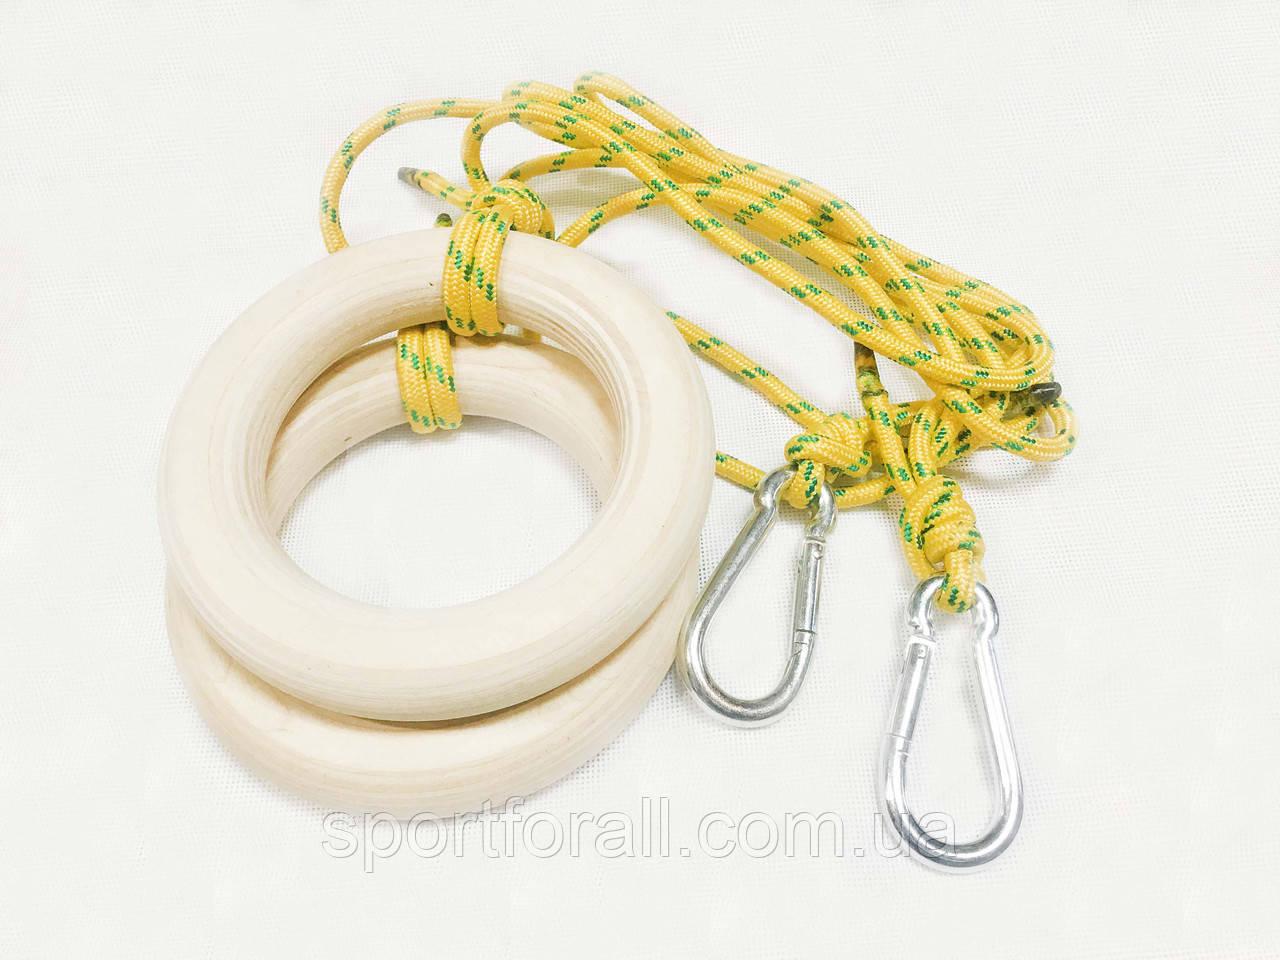 Кольца гимнастические с карабином  Д-180мм  (желтые)